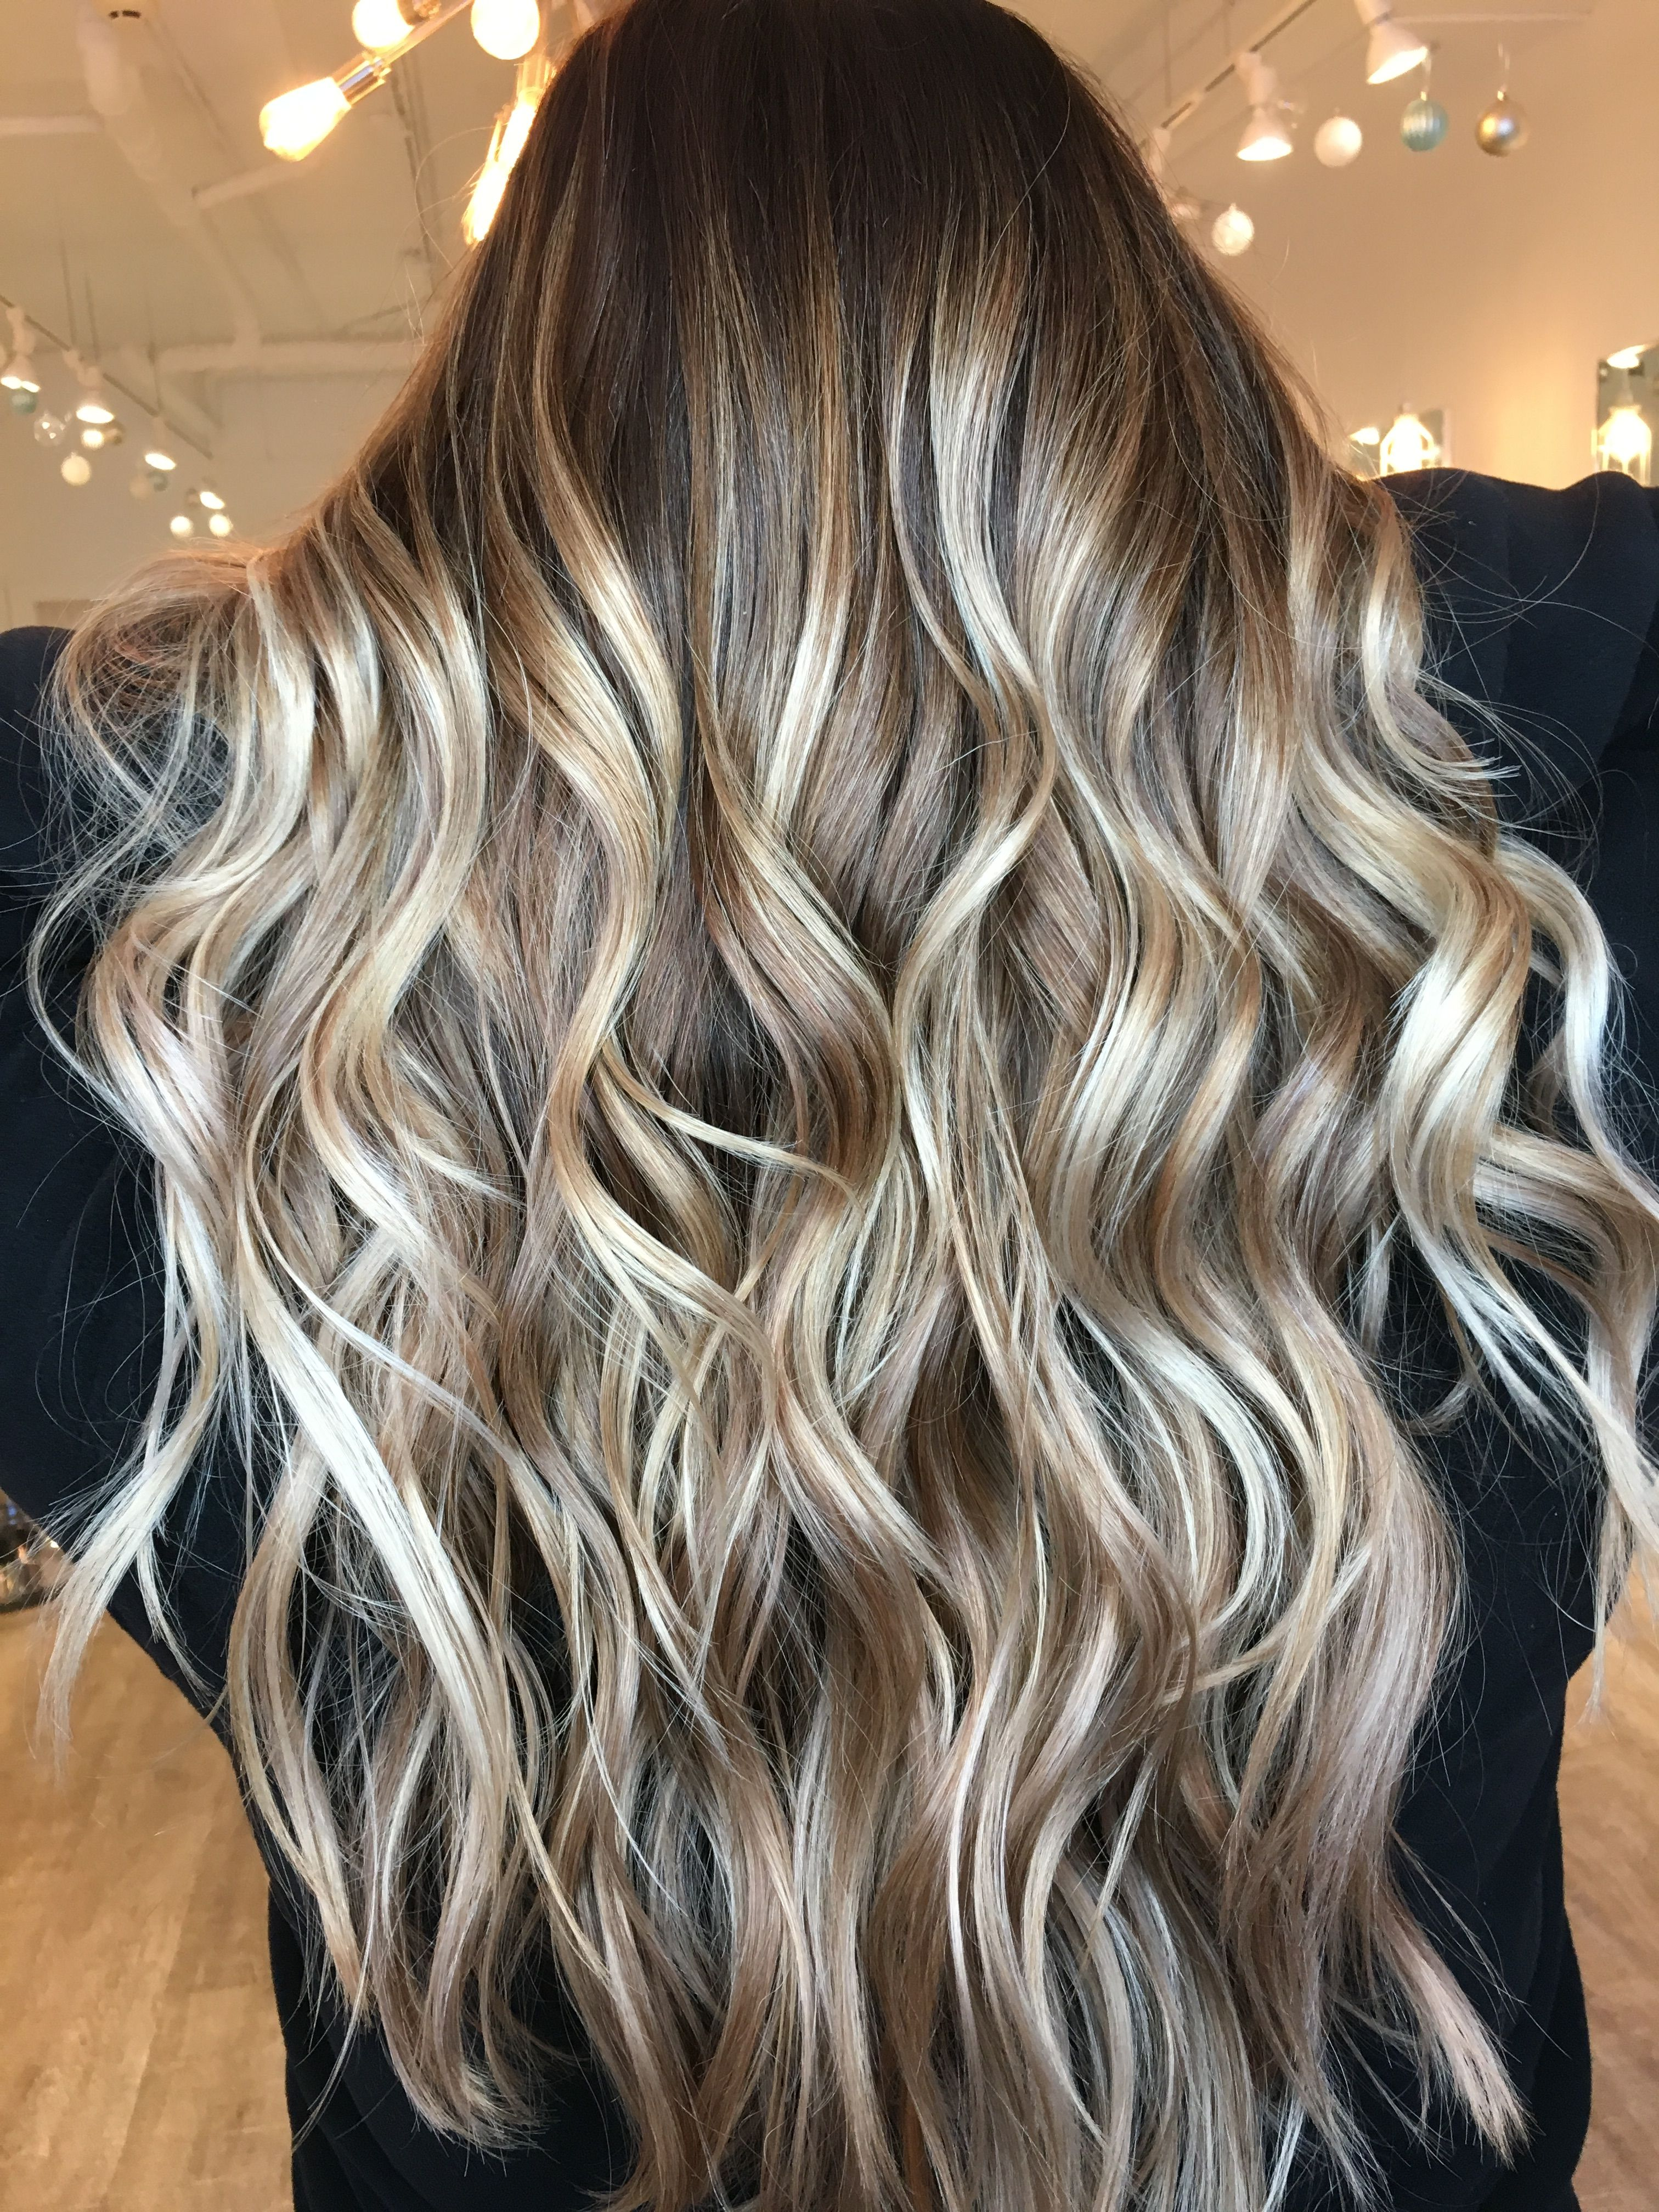 Pin By Brushedwithlove On Balayage In 2019 Balayage Hair